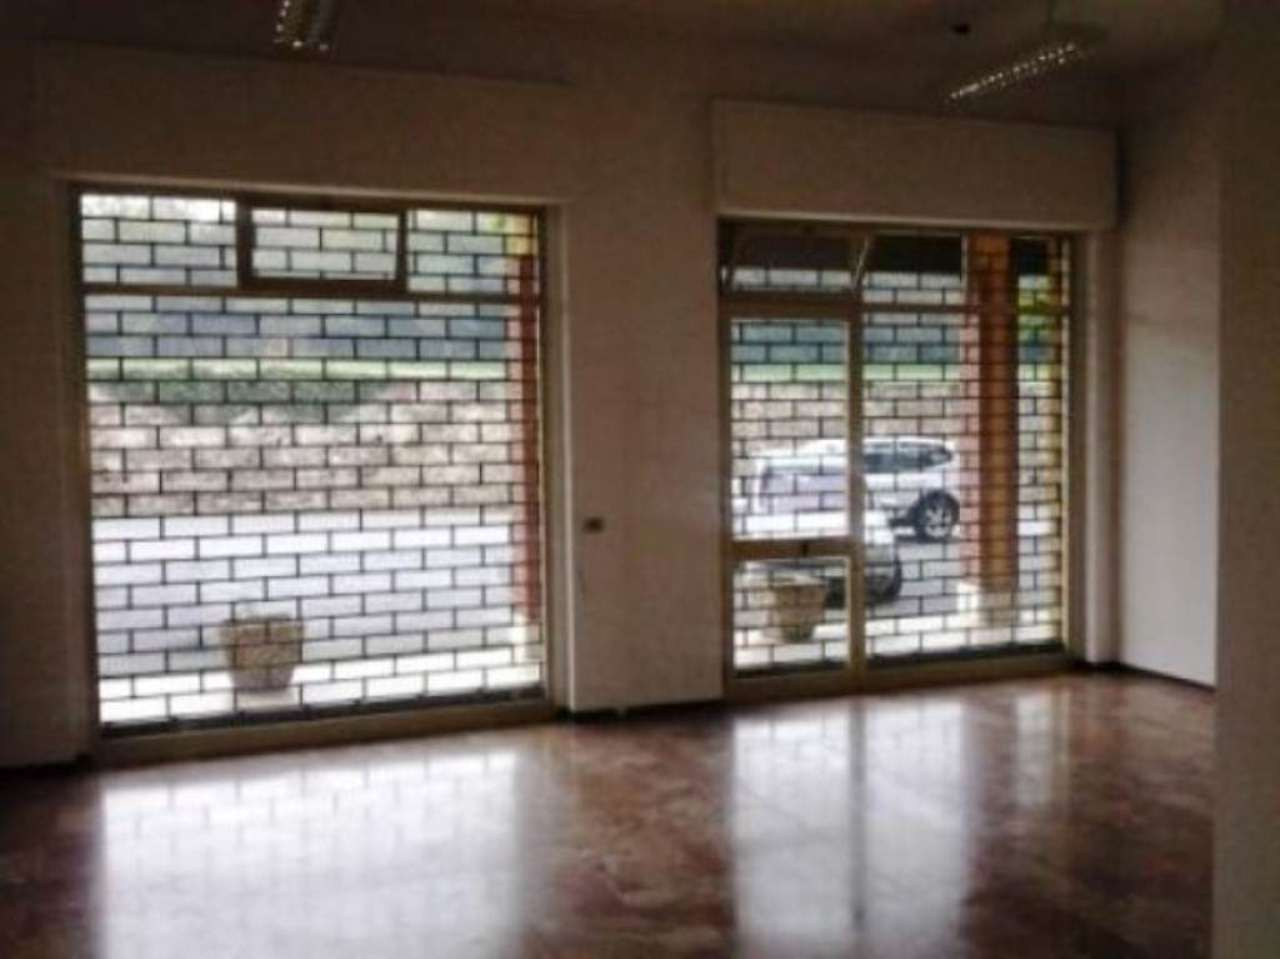 Negozio / Locale in affitto a Villarbasse, 4 locali, prezzo € 950 | Cambio Casa.it